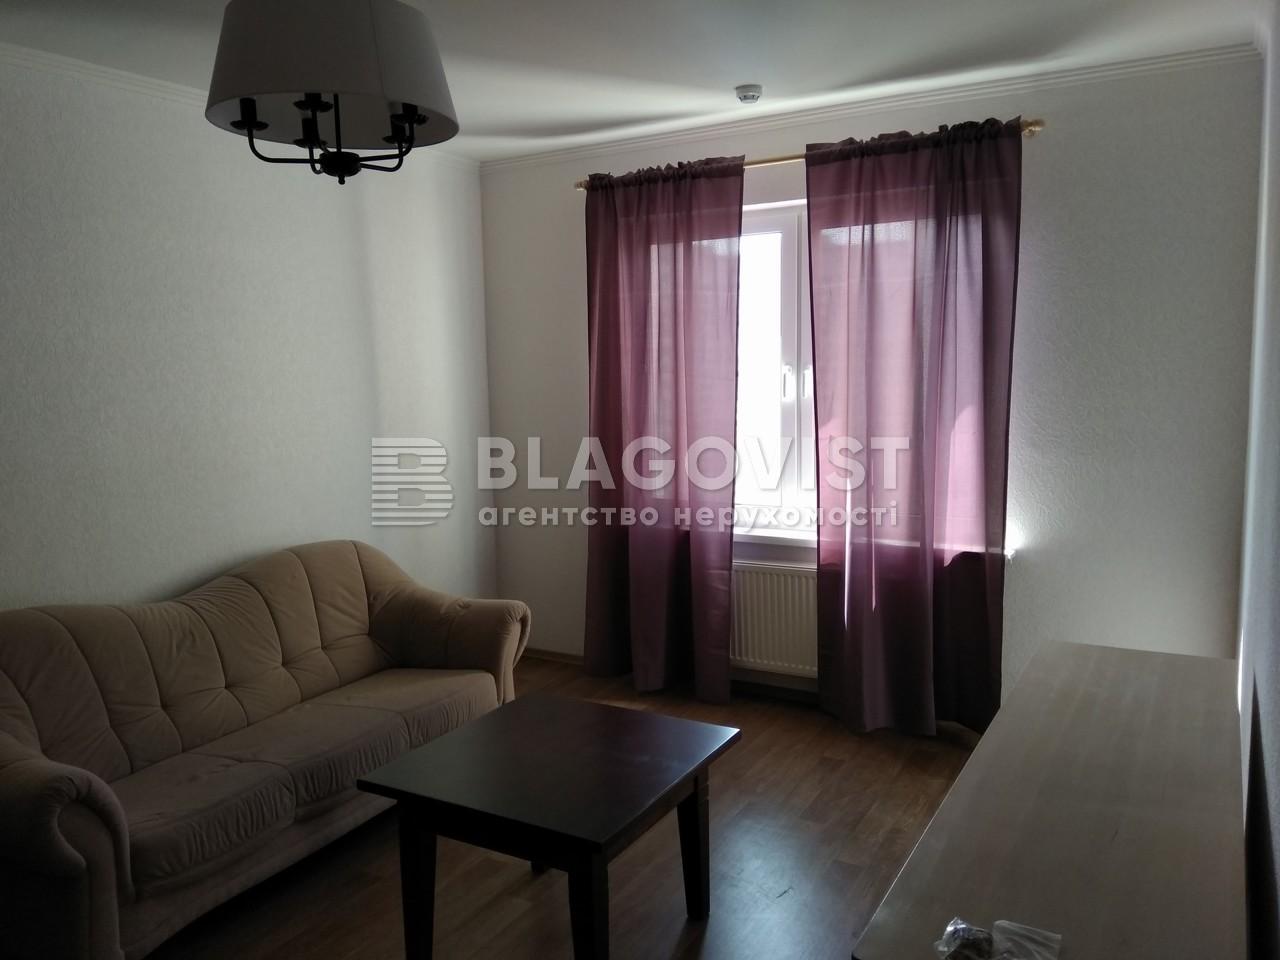 Квартира R-25651, Гмыри Бориса, 14б, Киев - Фото 5